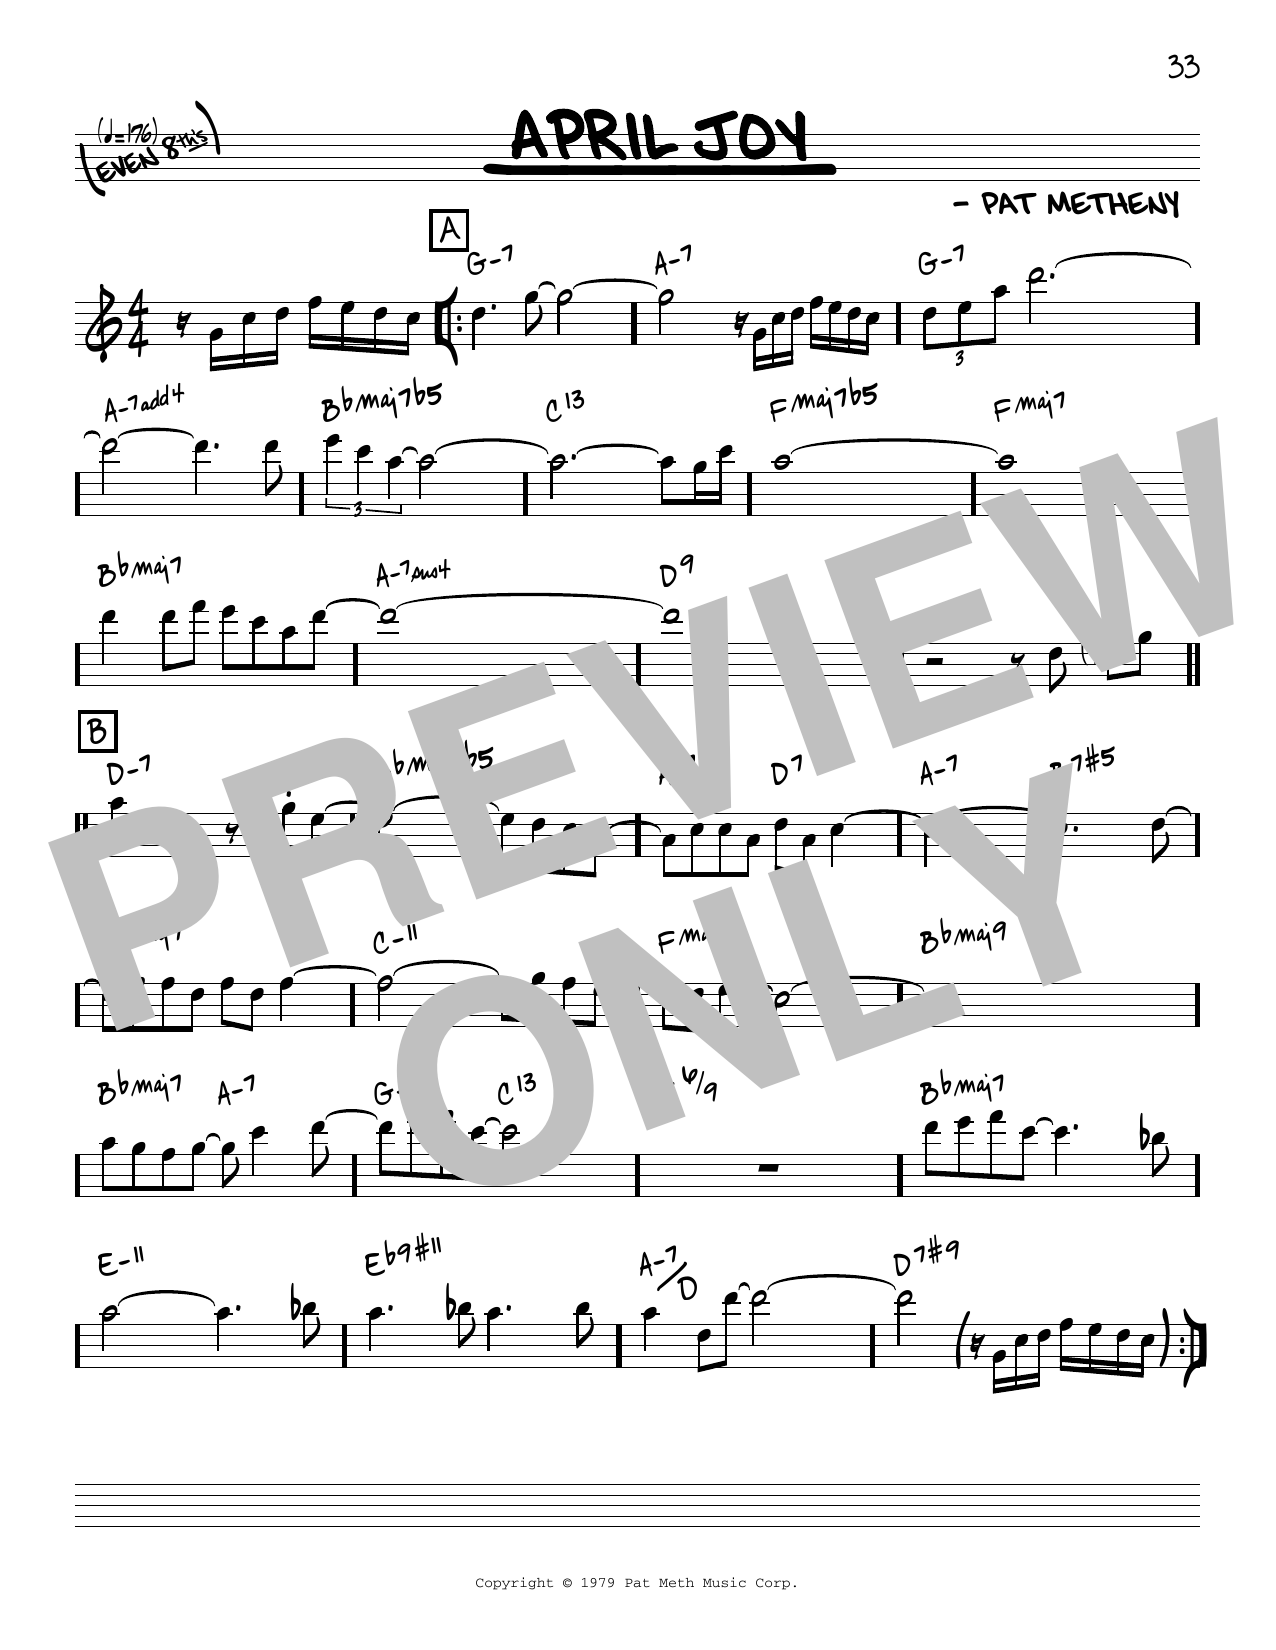 Pat Metheny April Joy [Reharmonized version] (arr. Jack Grassel) sheet music notes printable PDF score